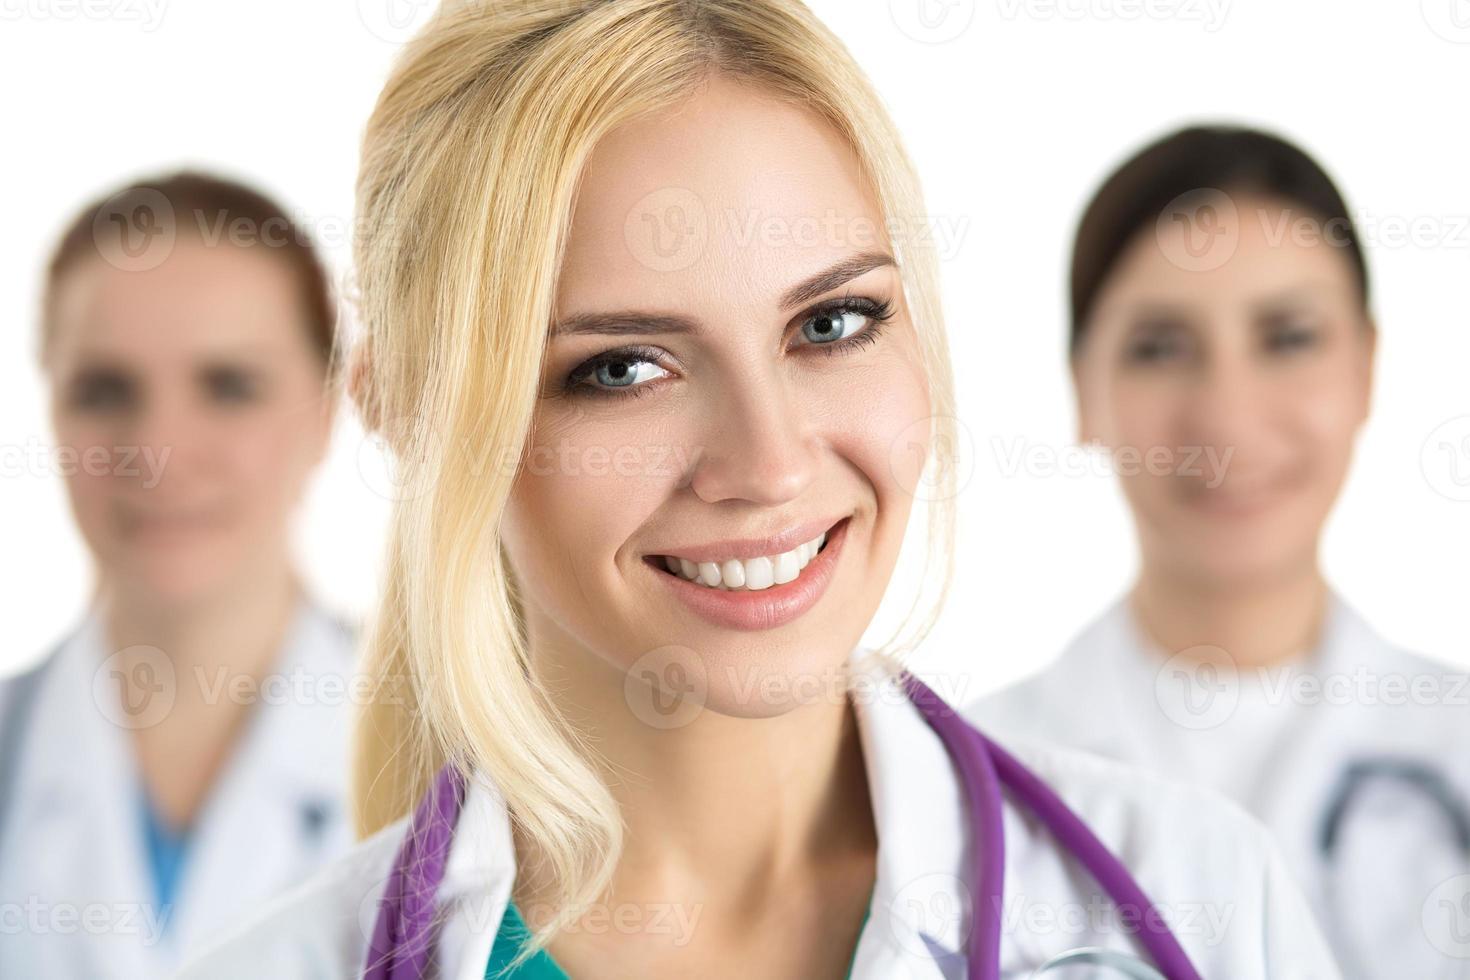 Porträt der jungen blonden Ärztin, umgeben von medizinischem Tee foto